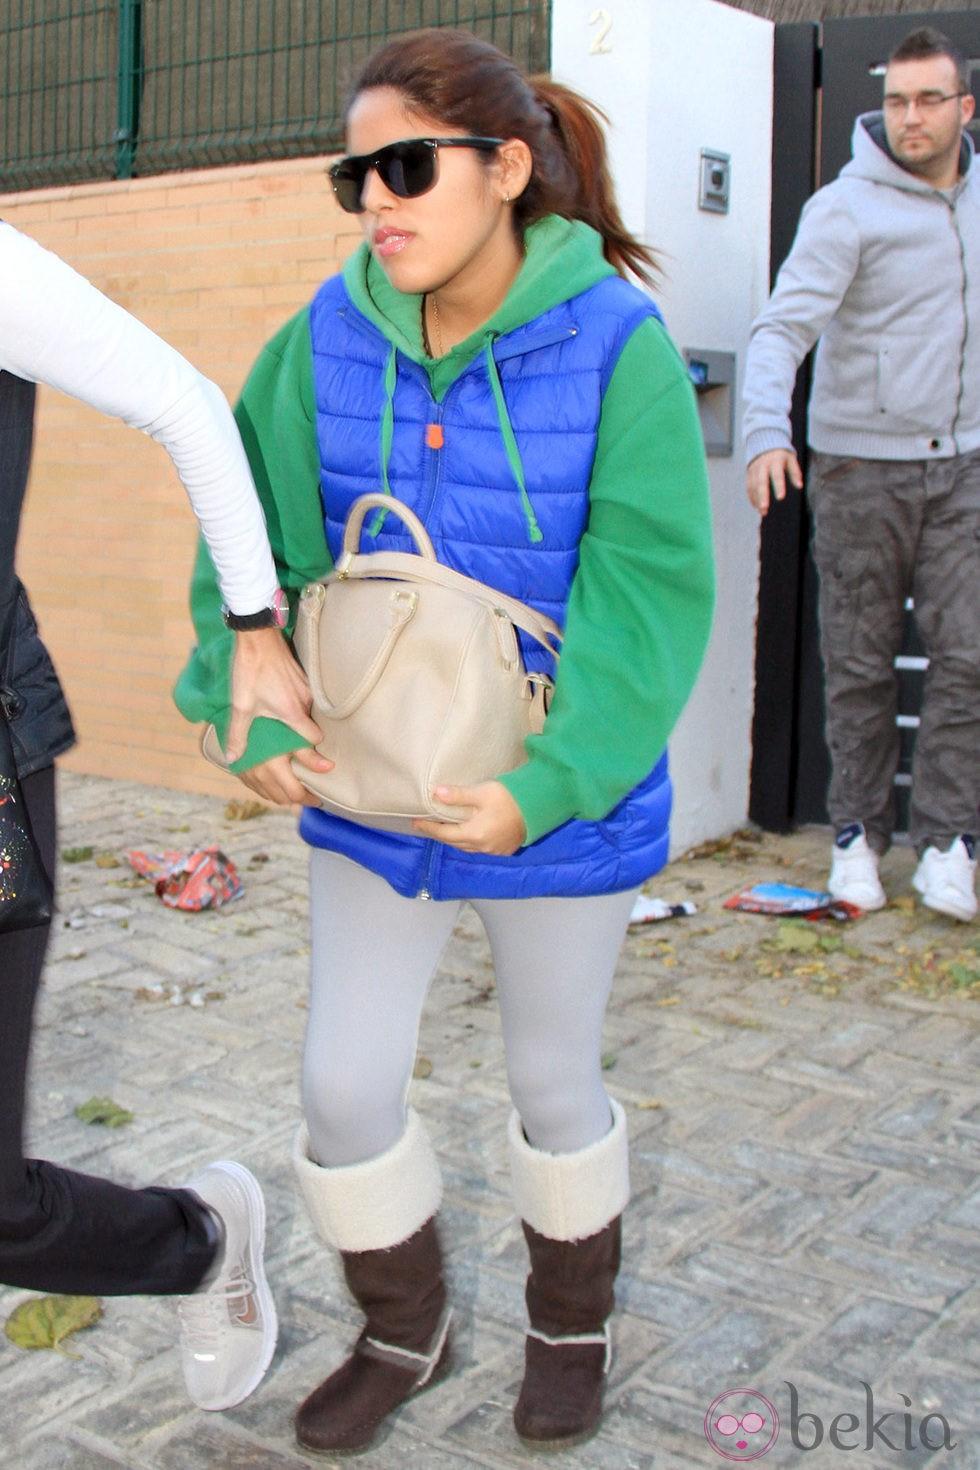 Chabelita Pantoja tapándose la tripita con un gran bolso